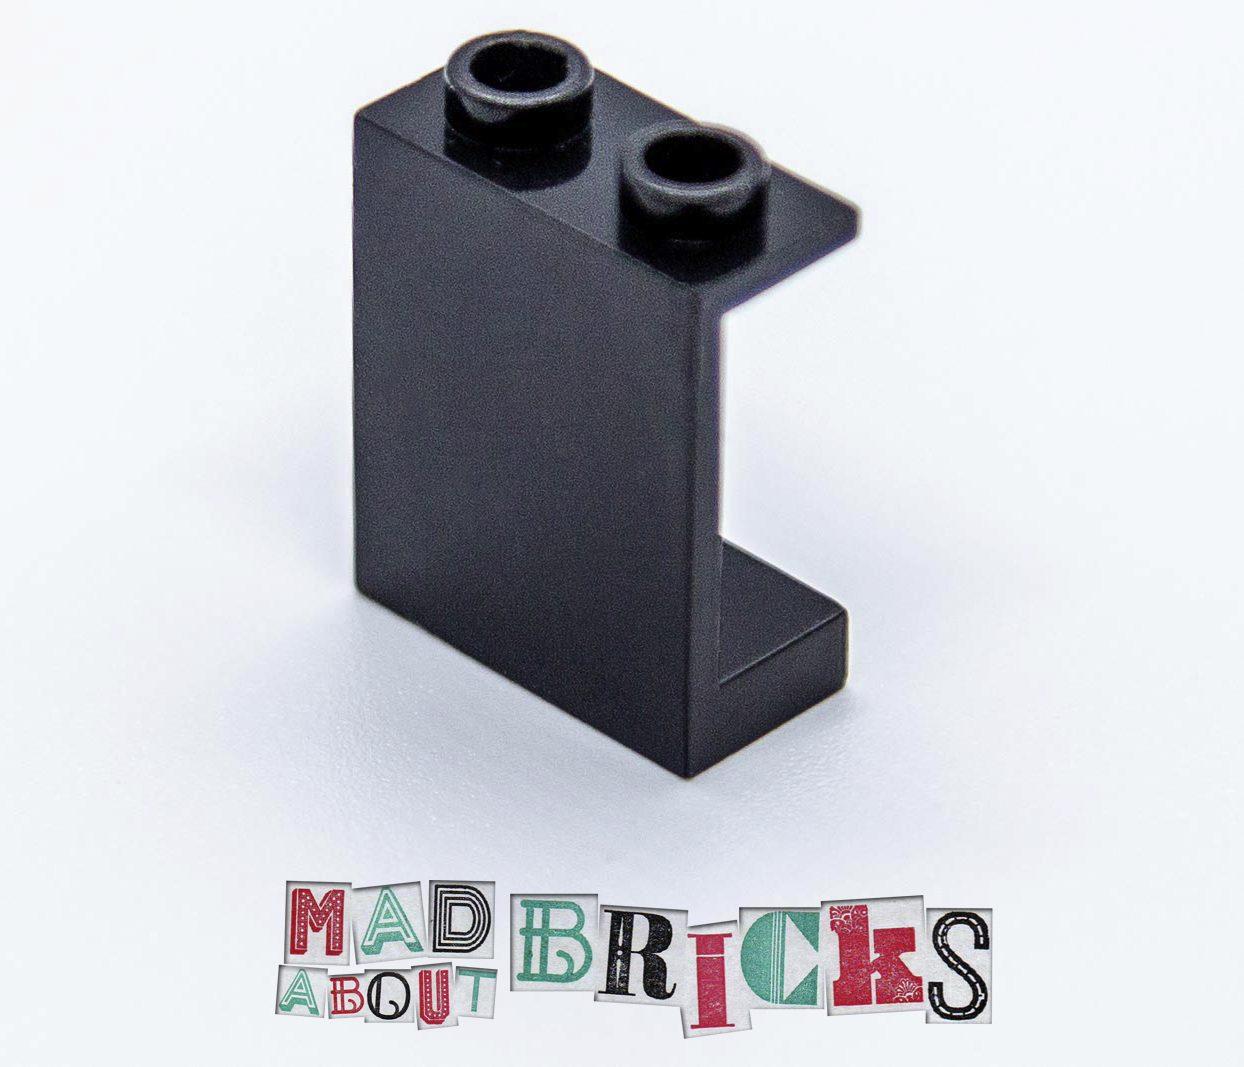 Lego 4864 1x2x2 Wall Element 486426